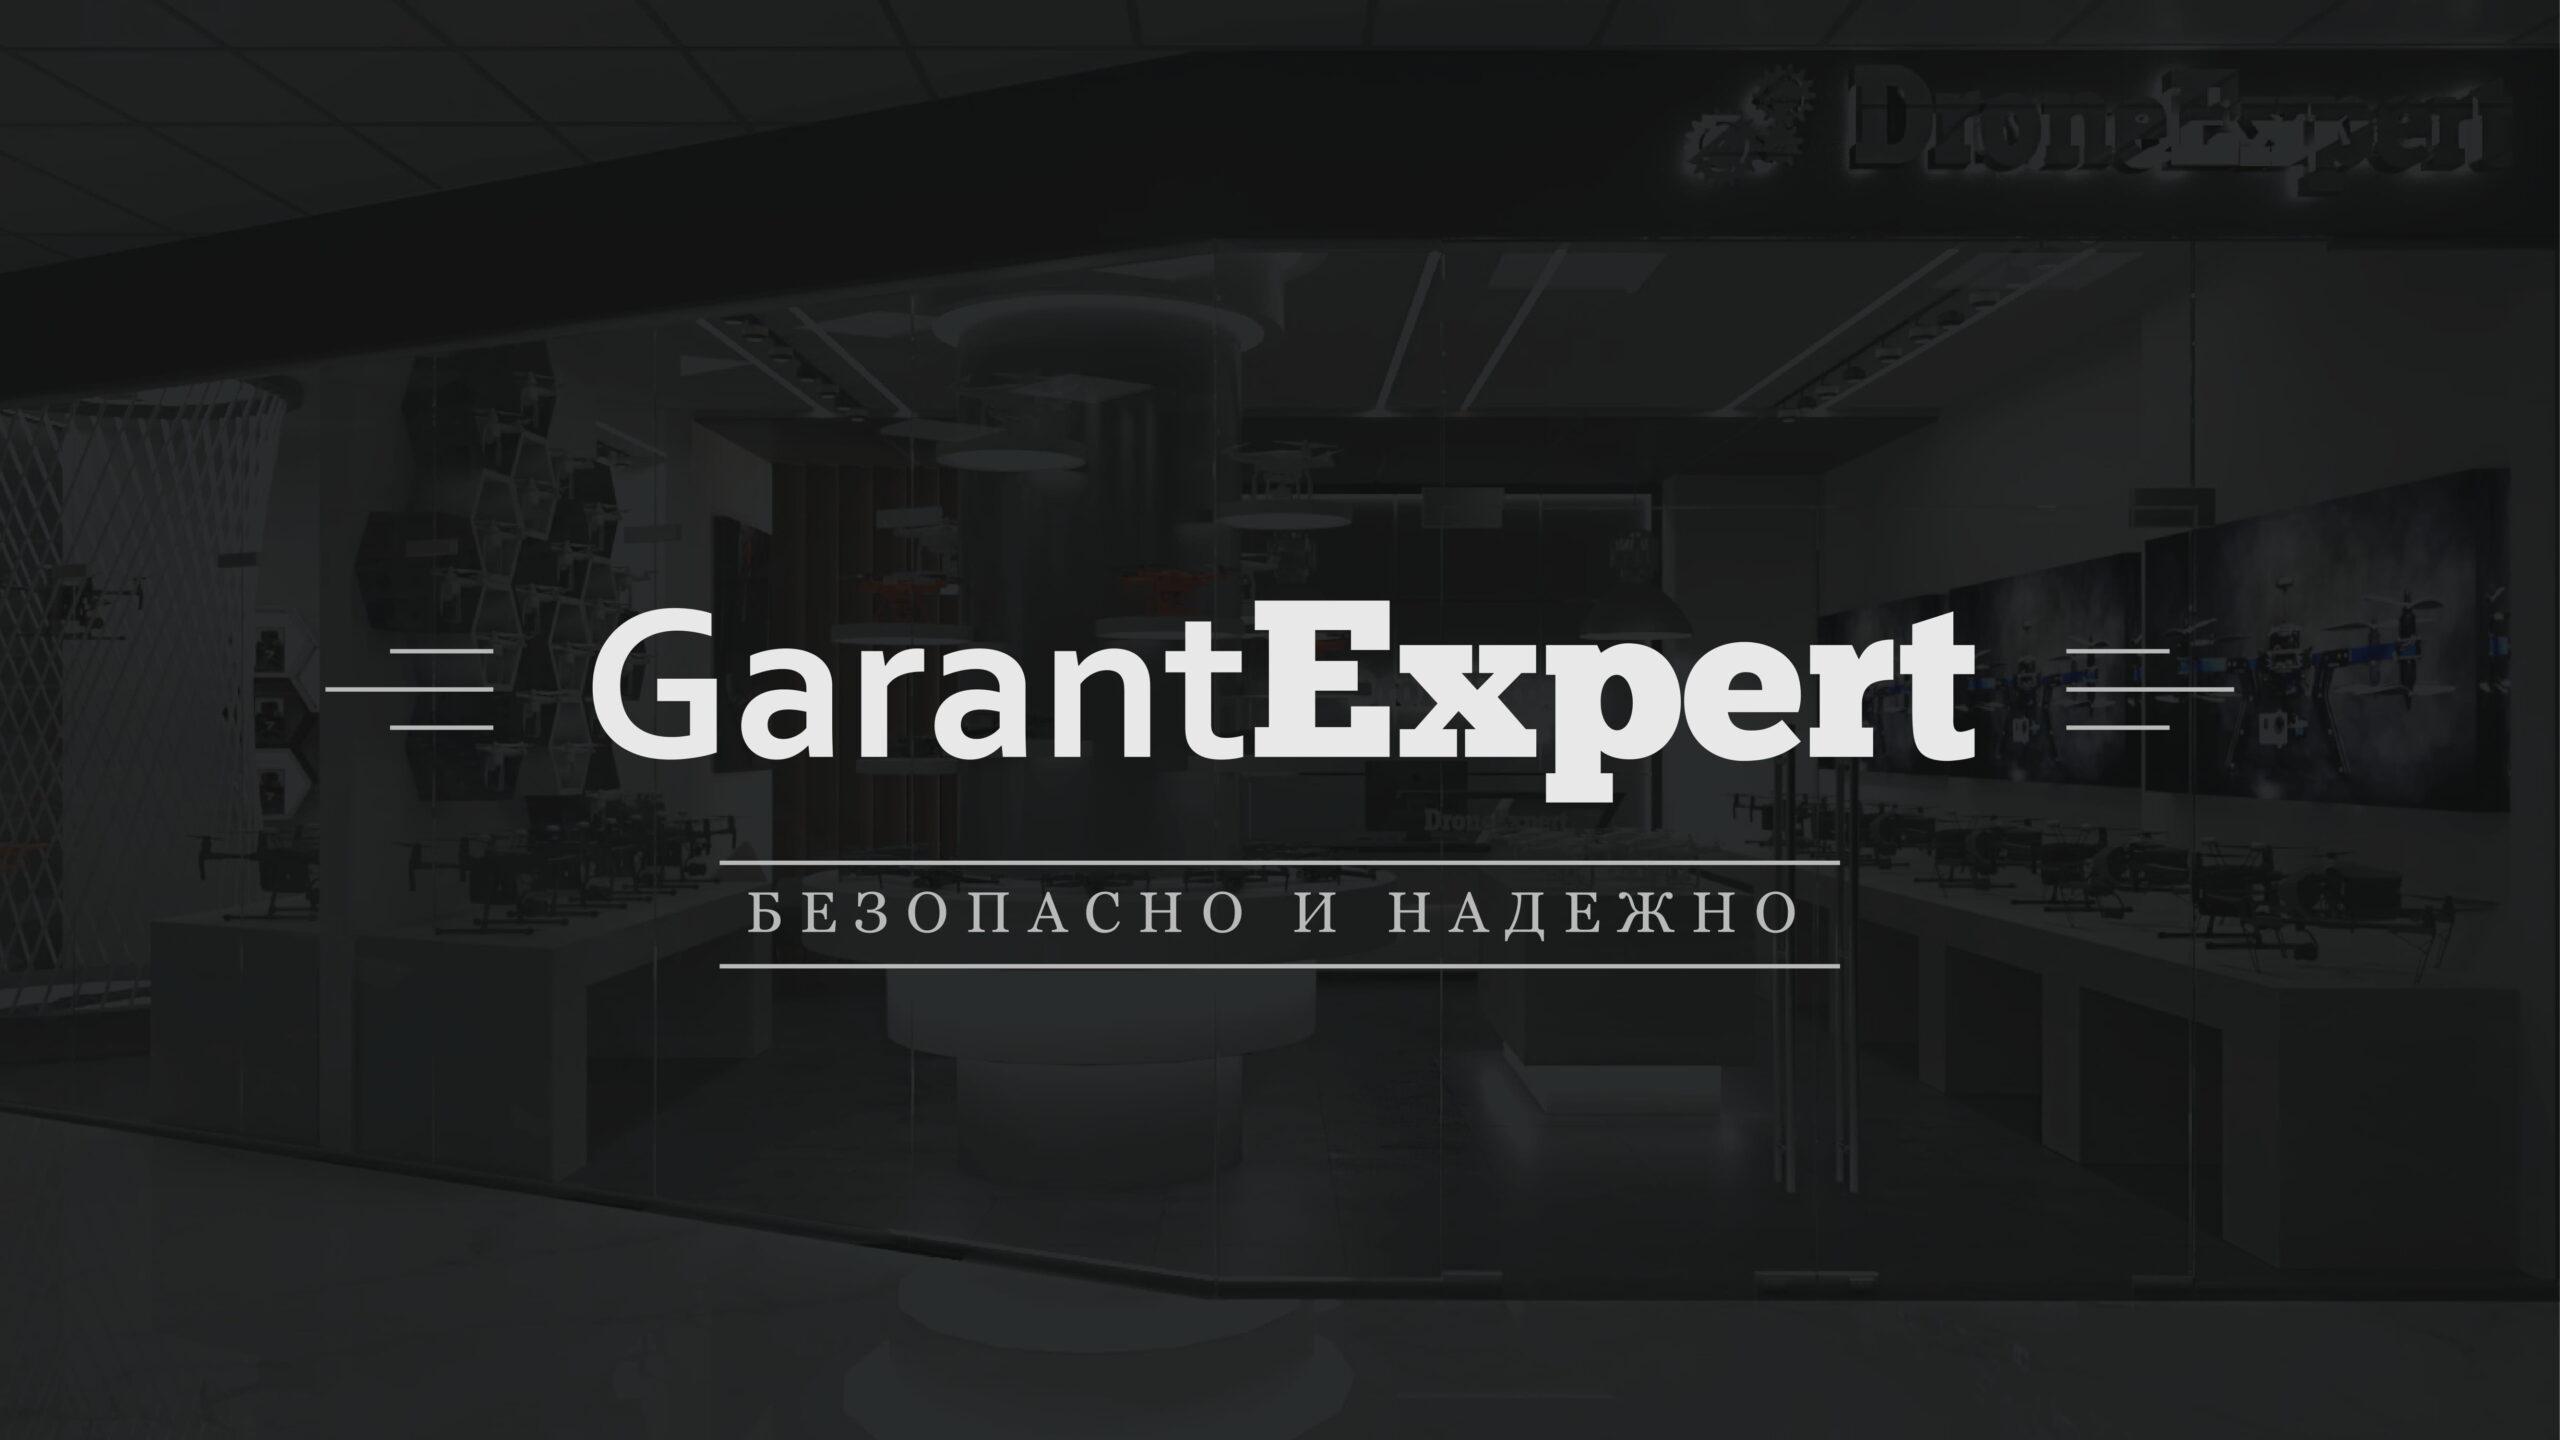 GarantExpert